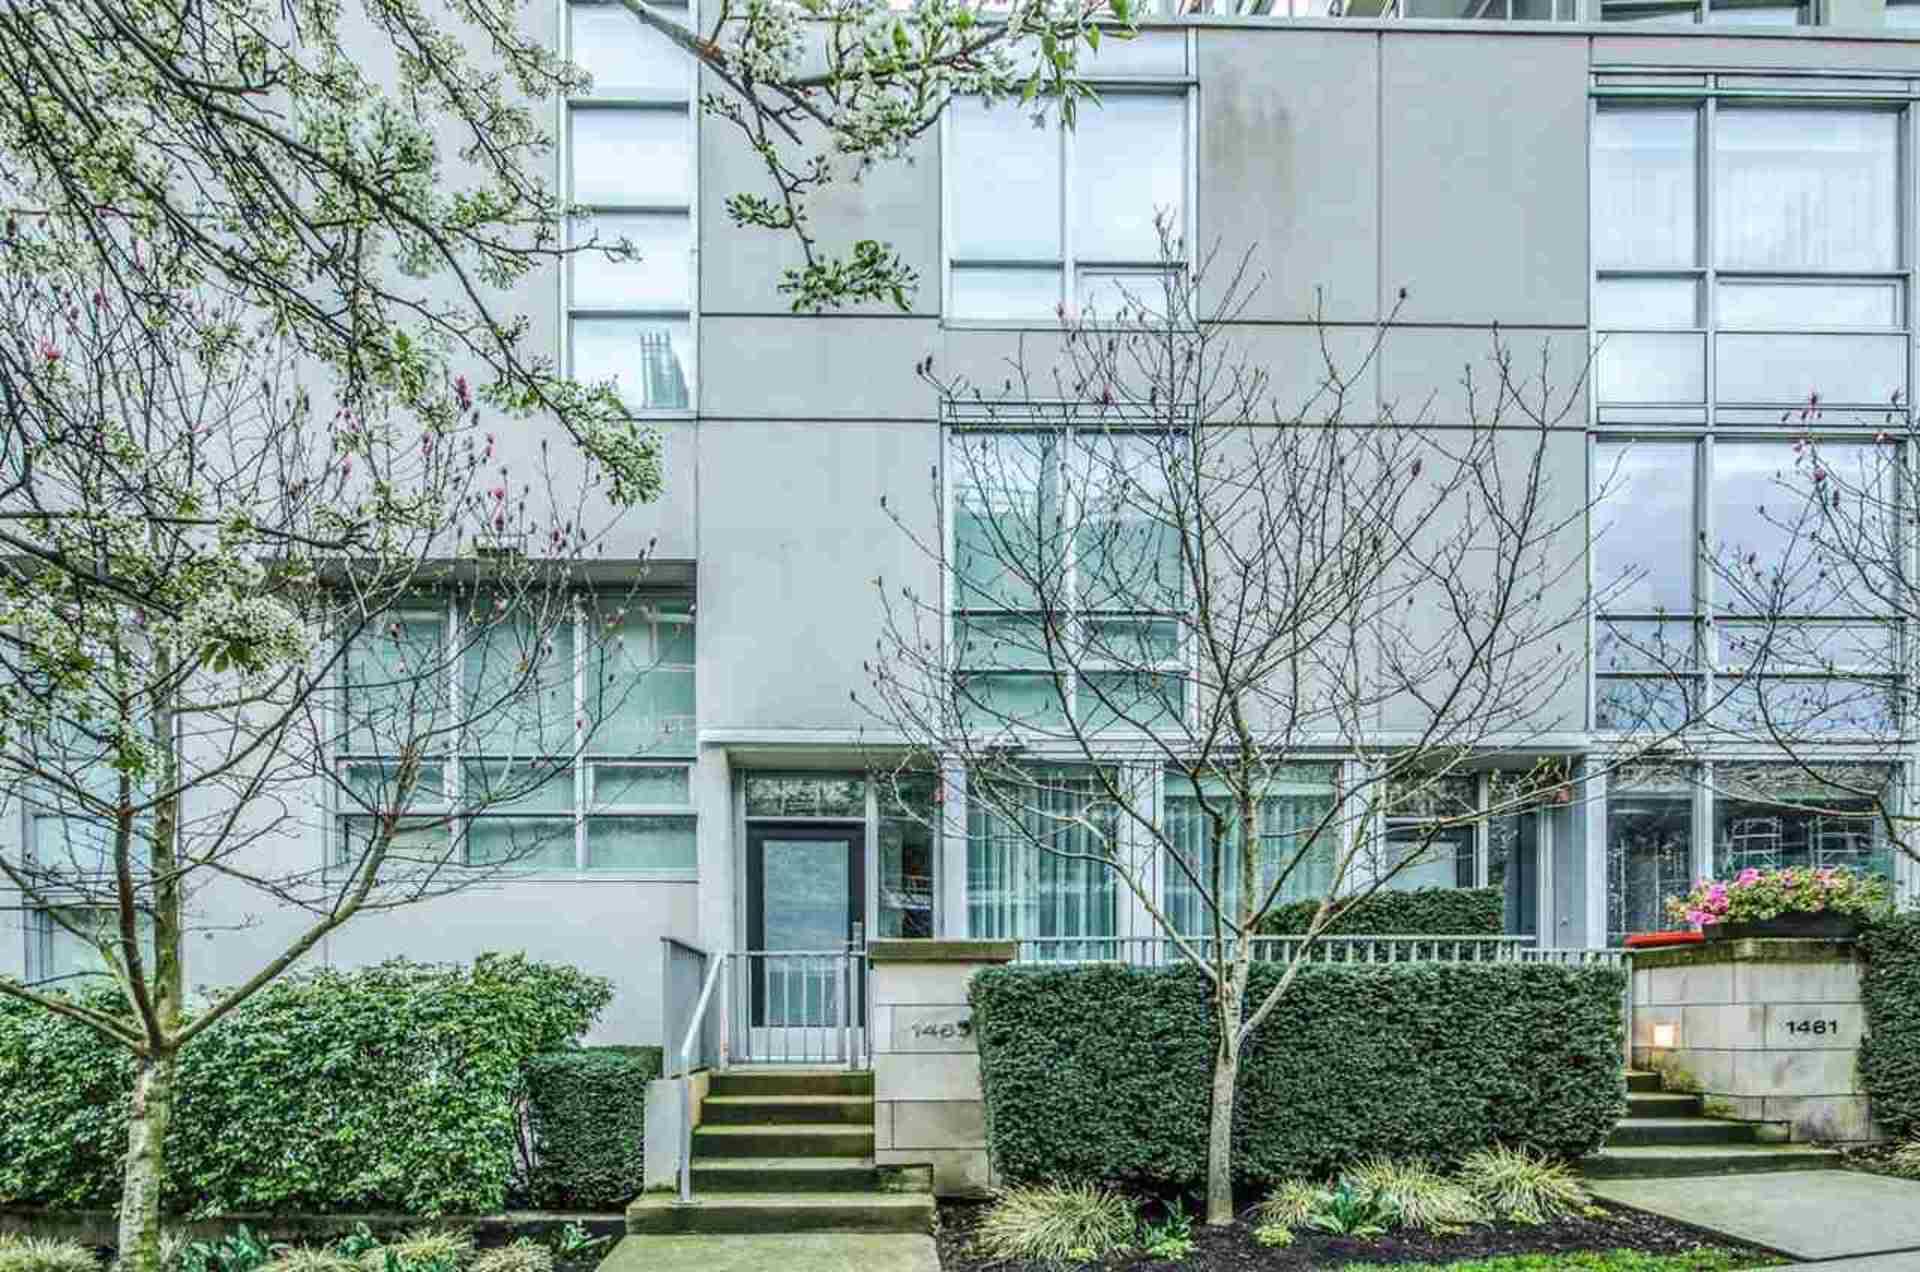 1463-howe-street-yaletown-vancouver-west-02 at 1463 Howe Street, Yaletown, Vancouver West